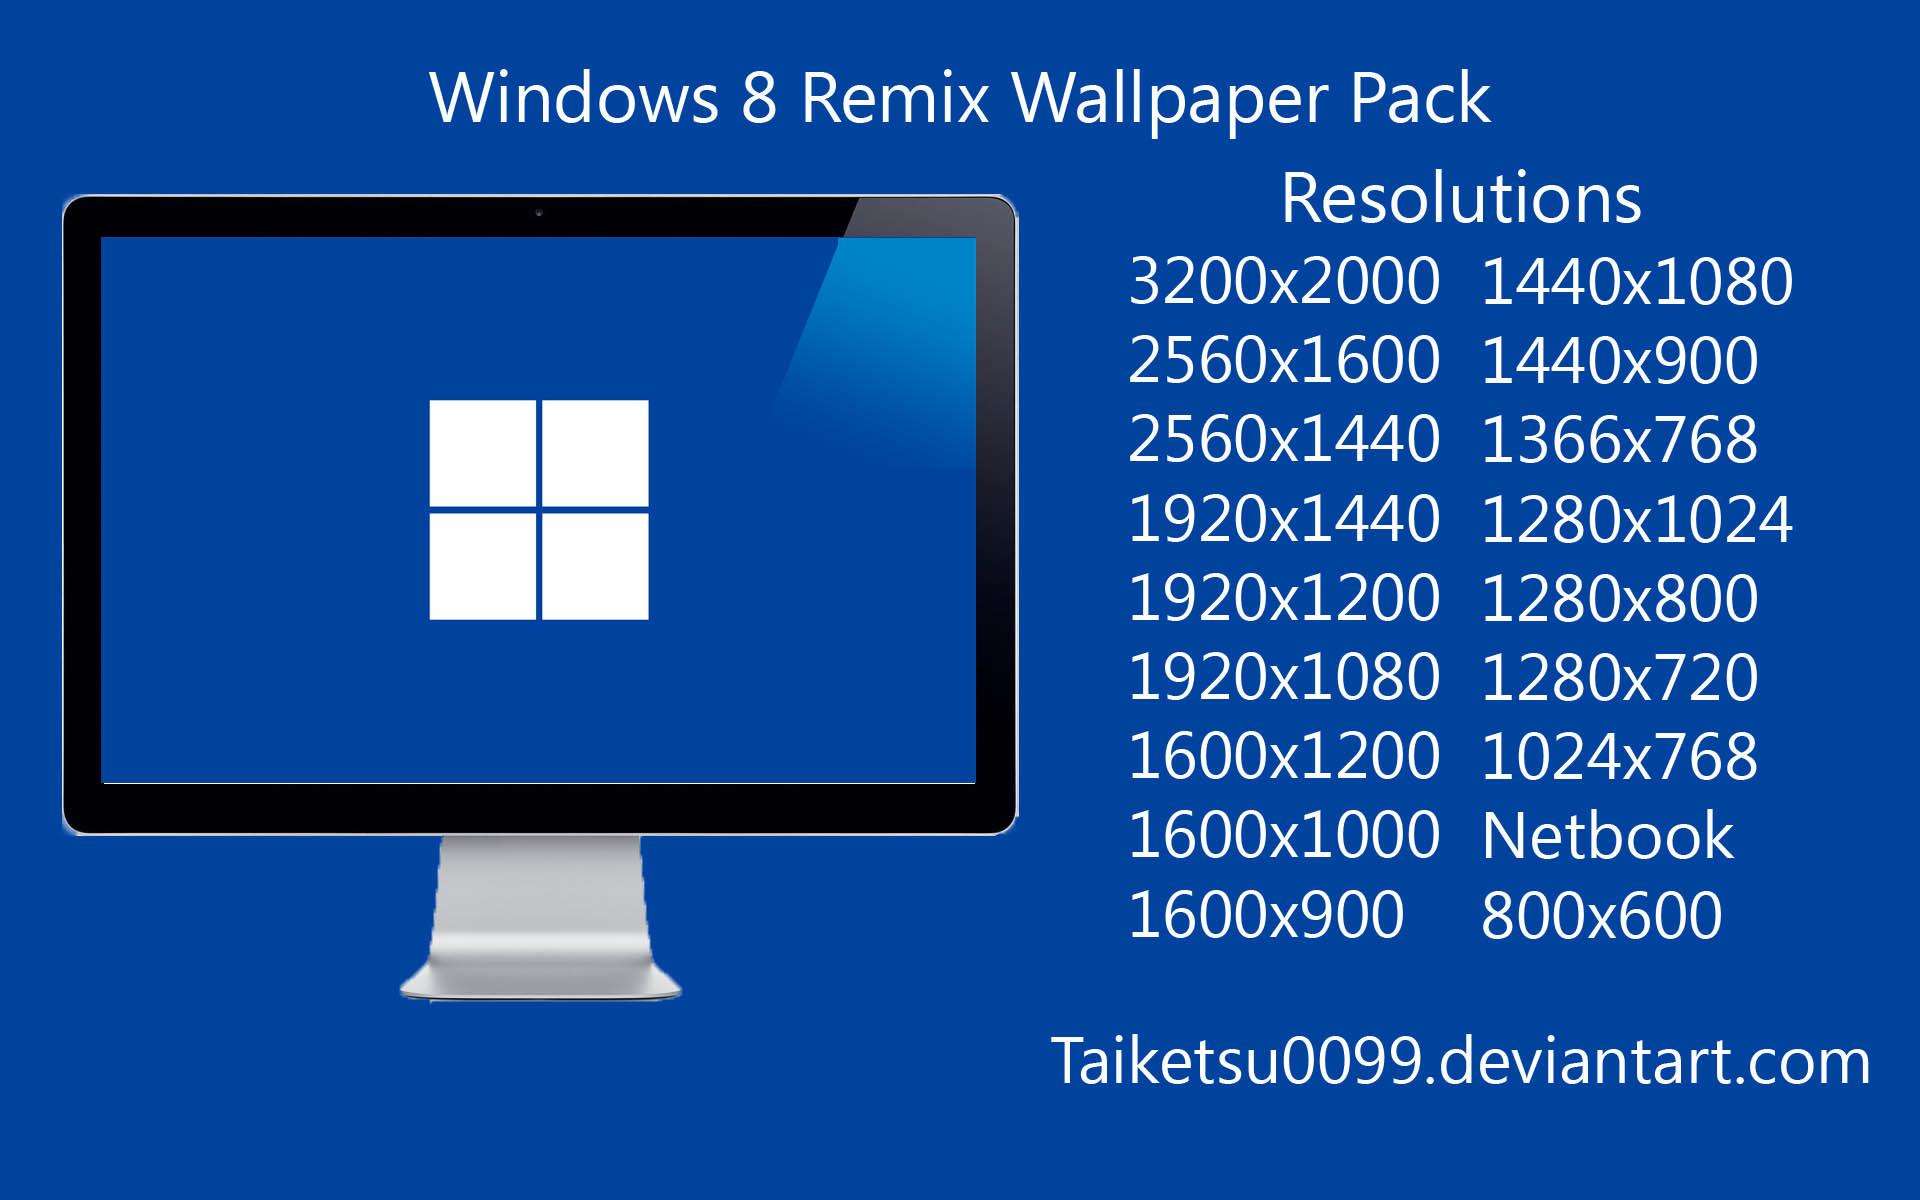 Windows Nt Wallpaper Windows 8 remix wallpaper pack